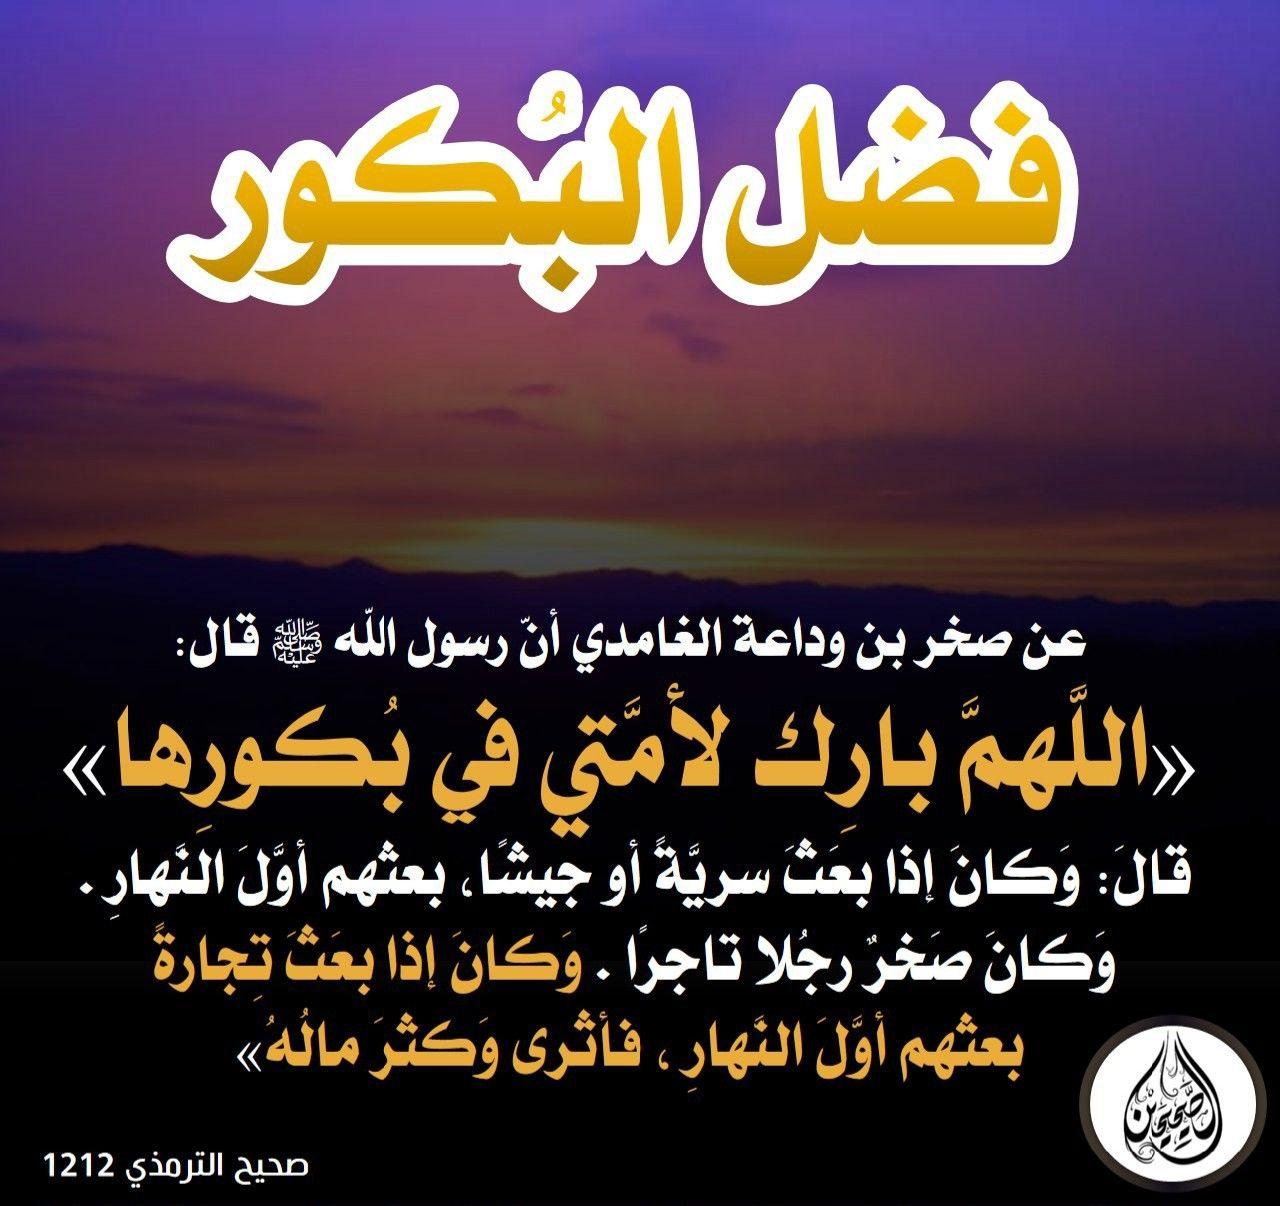 اول مؤذن في الاسلام